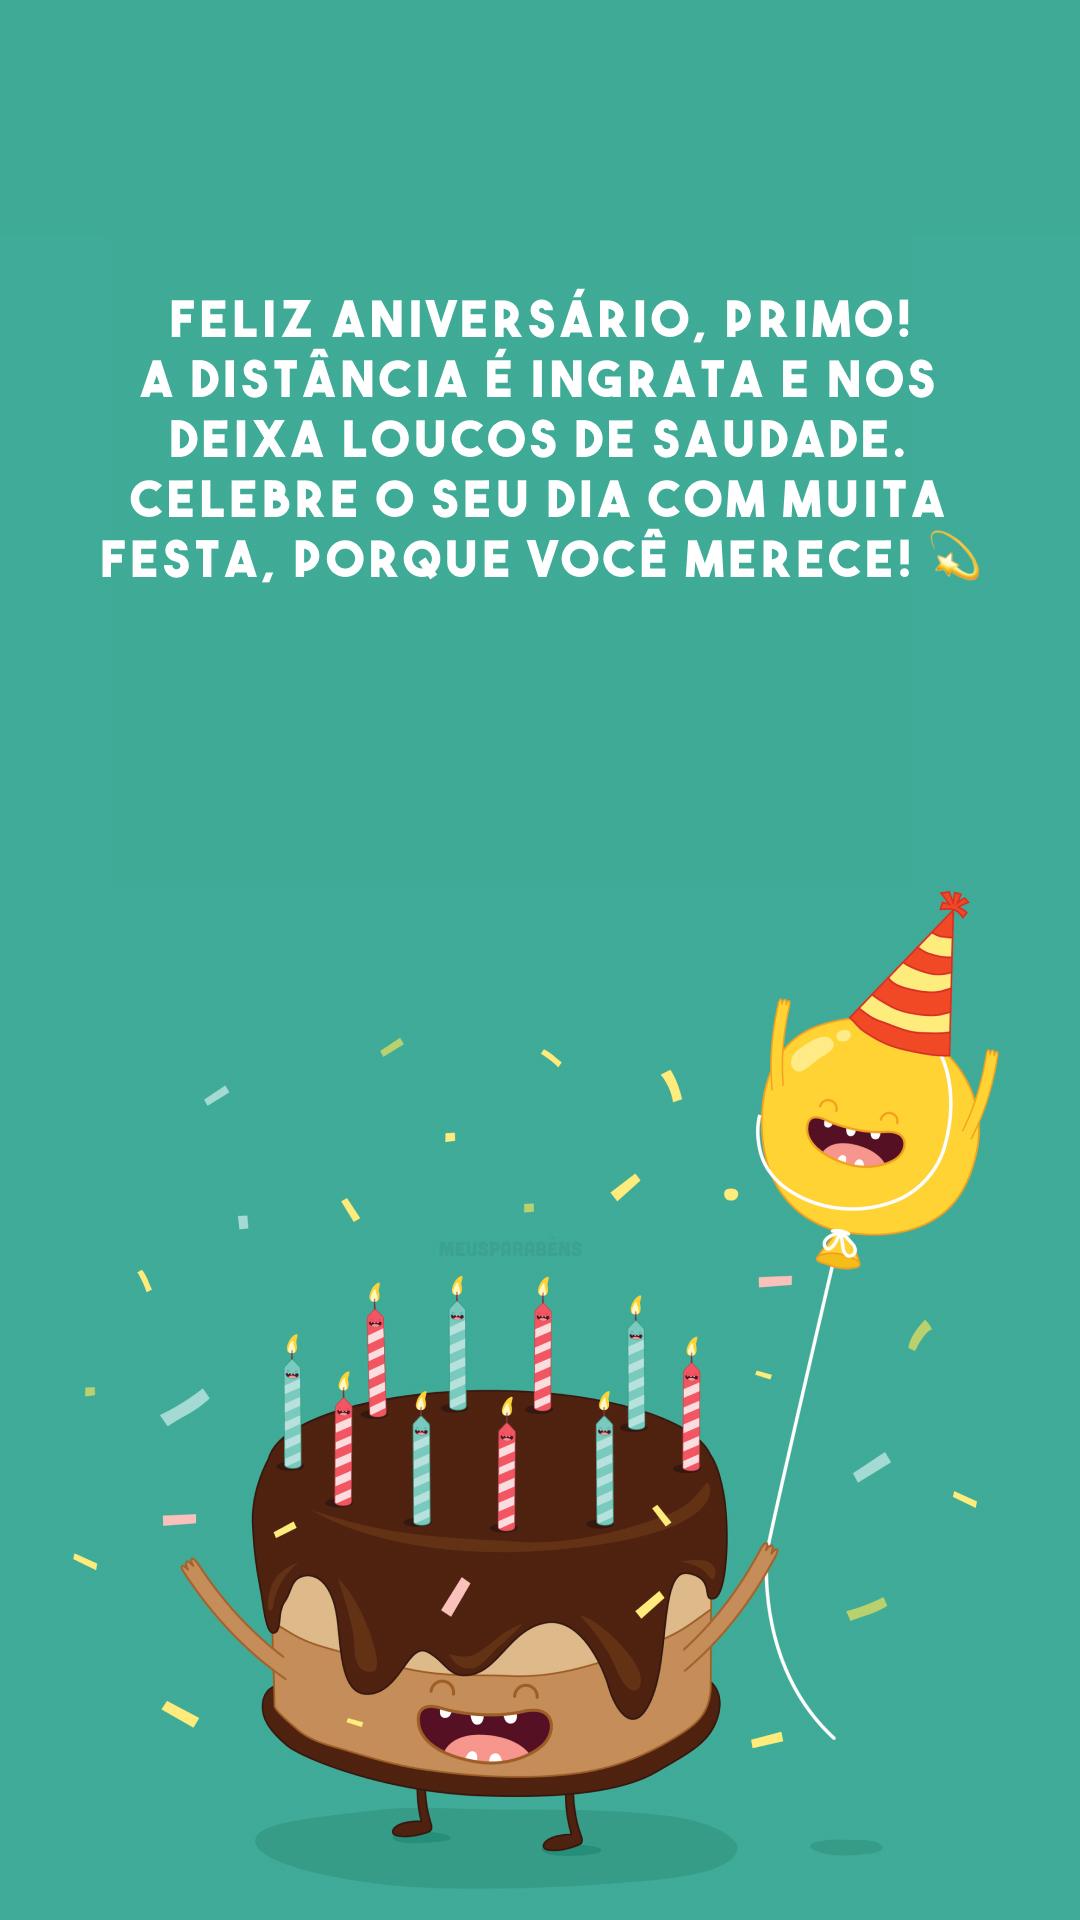 Feliz aniversário, primo! A distância é ingrata e nos deixa loucos de saudade. Celebre o seu dia com muita festa, porque você merece! 💫